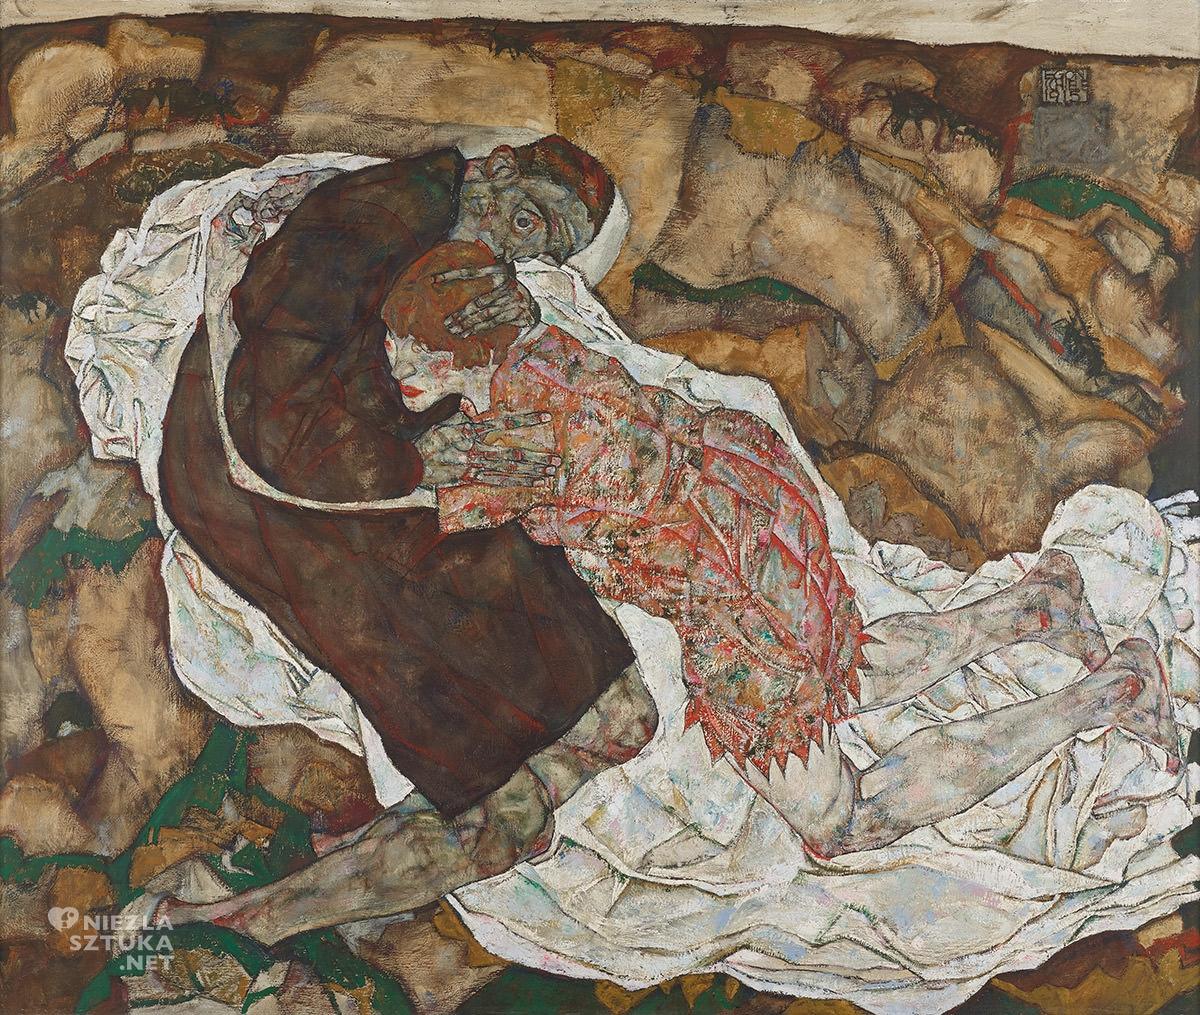 Egon Schiele, Śmierć i dziewczyna, Wally Neuzil, sztuka austriacka, Niezła Sztuka